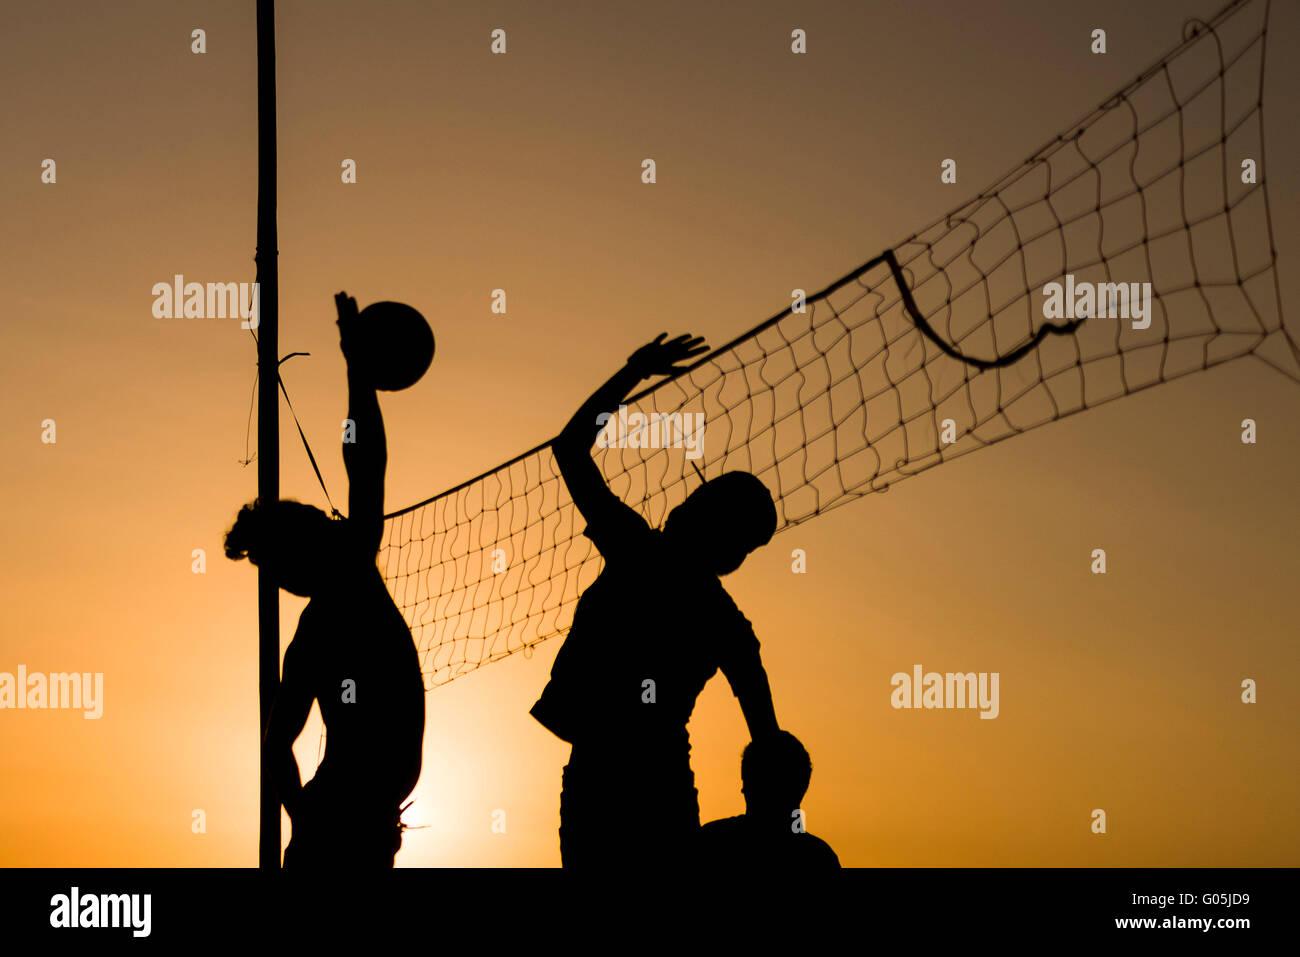 Jeu de volley-ball avec des silhouettes de personnes vollayball et le net. Photo Stock